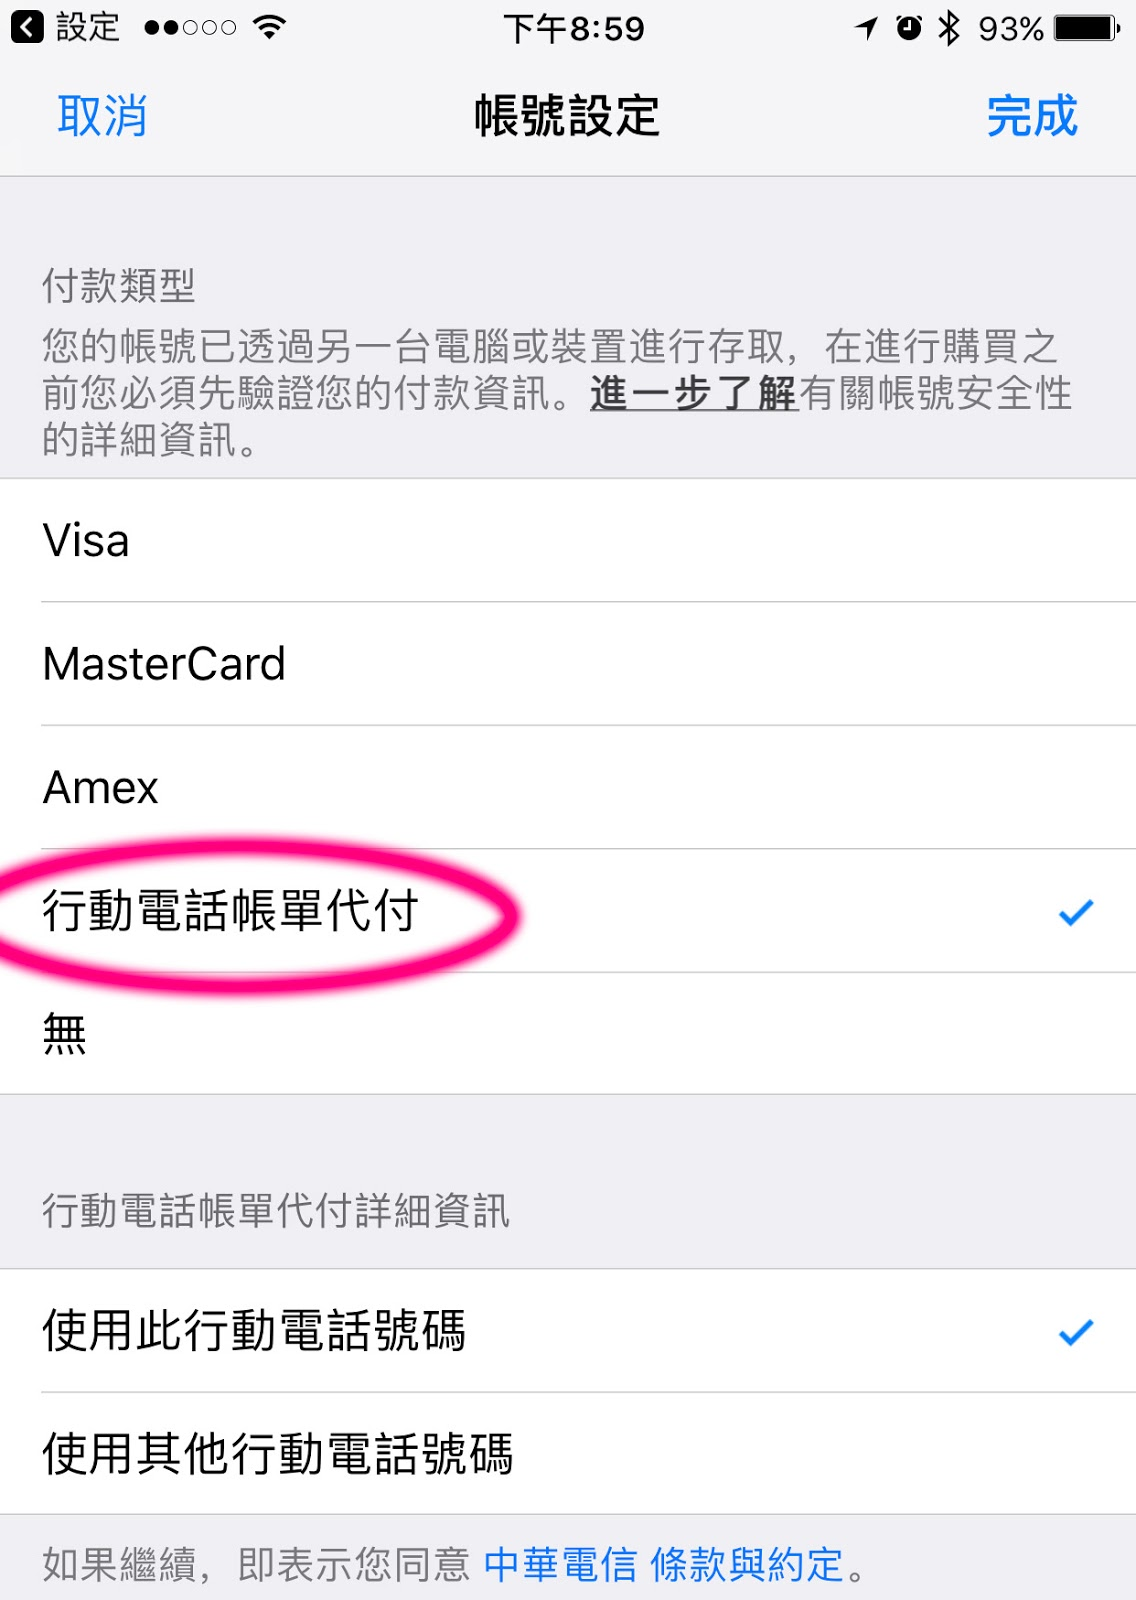 iPhone用行動電話帳單代付:免信用卡買App/遊戲/貼圖